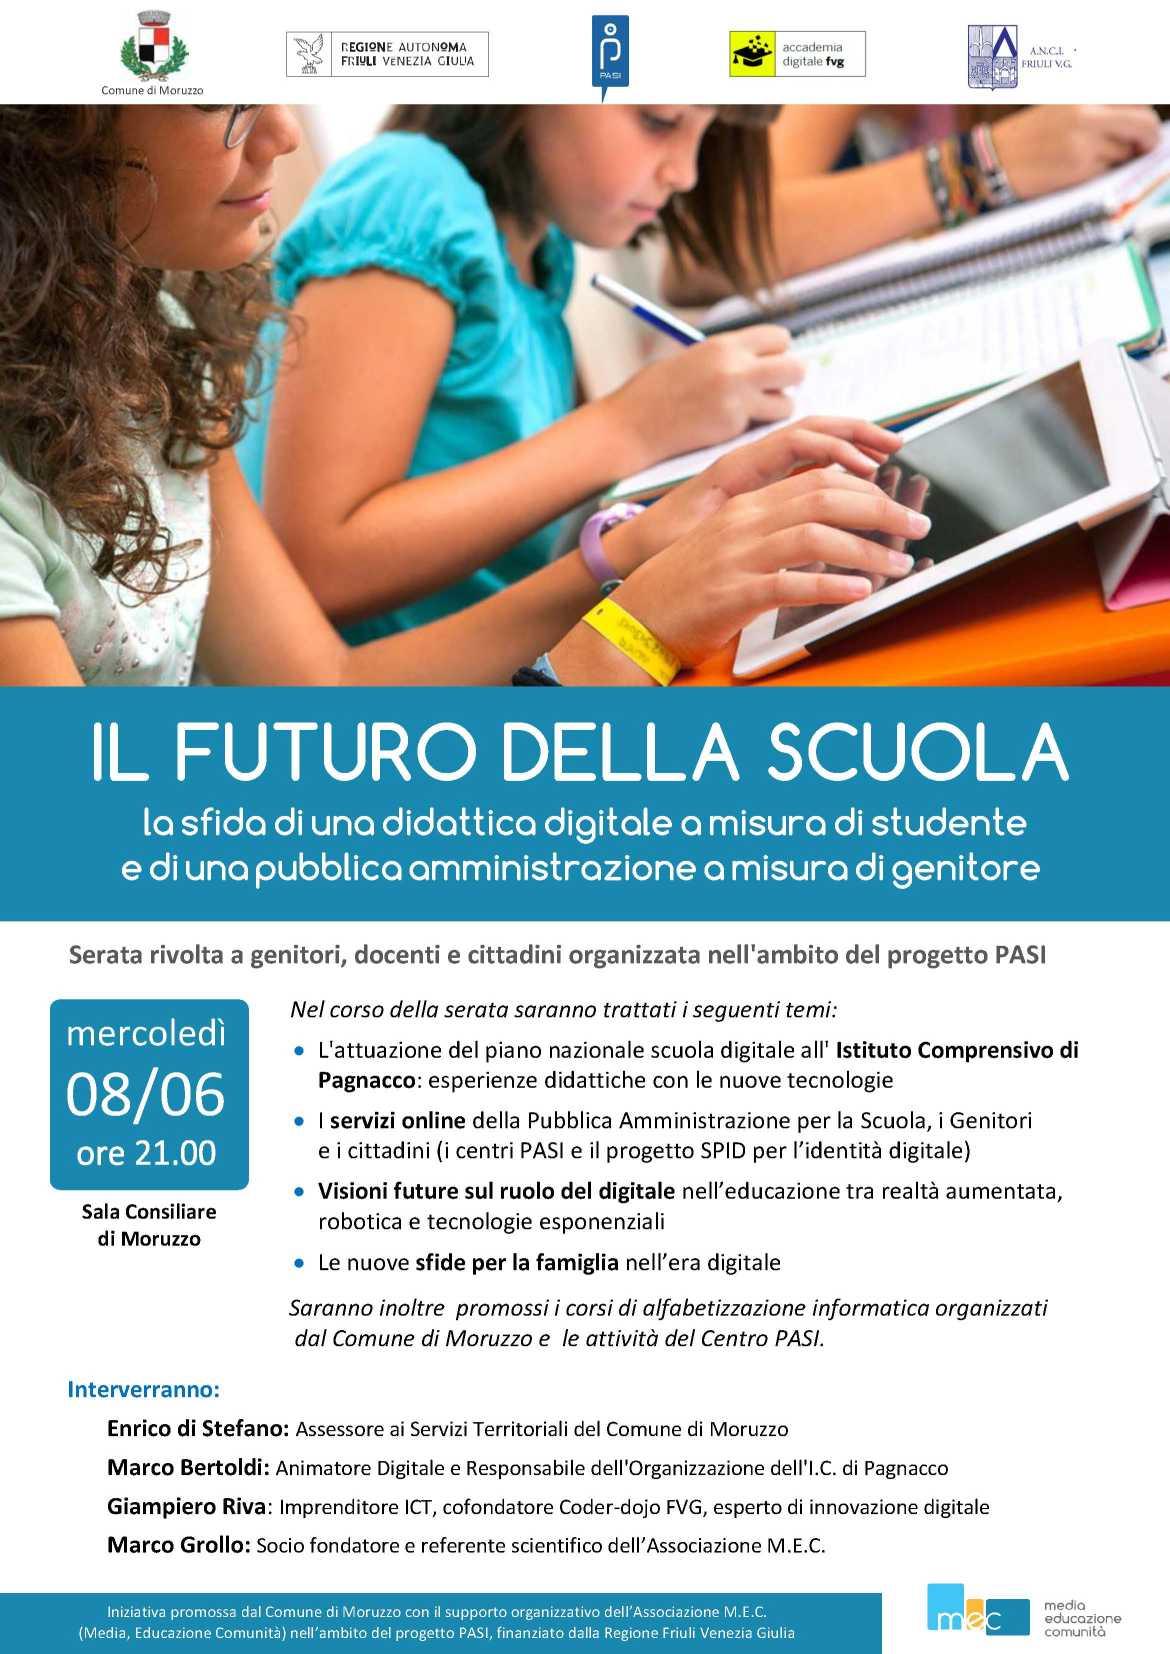 Il futuro della scuola, la sfida di una didattica digitale a misura di studente e di una pubblica amministrazione a misura di genitore